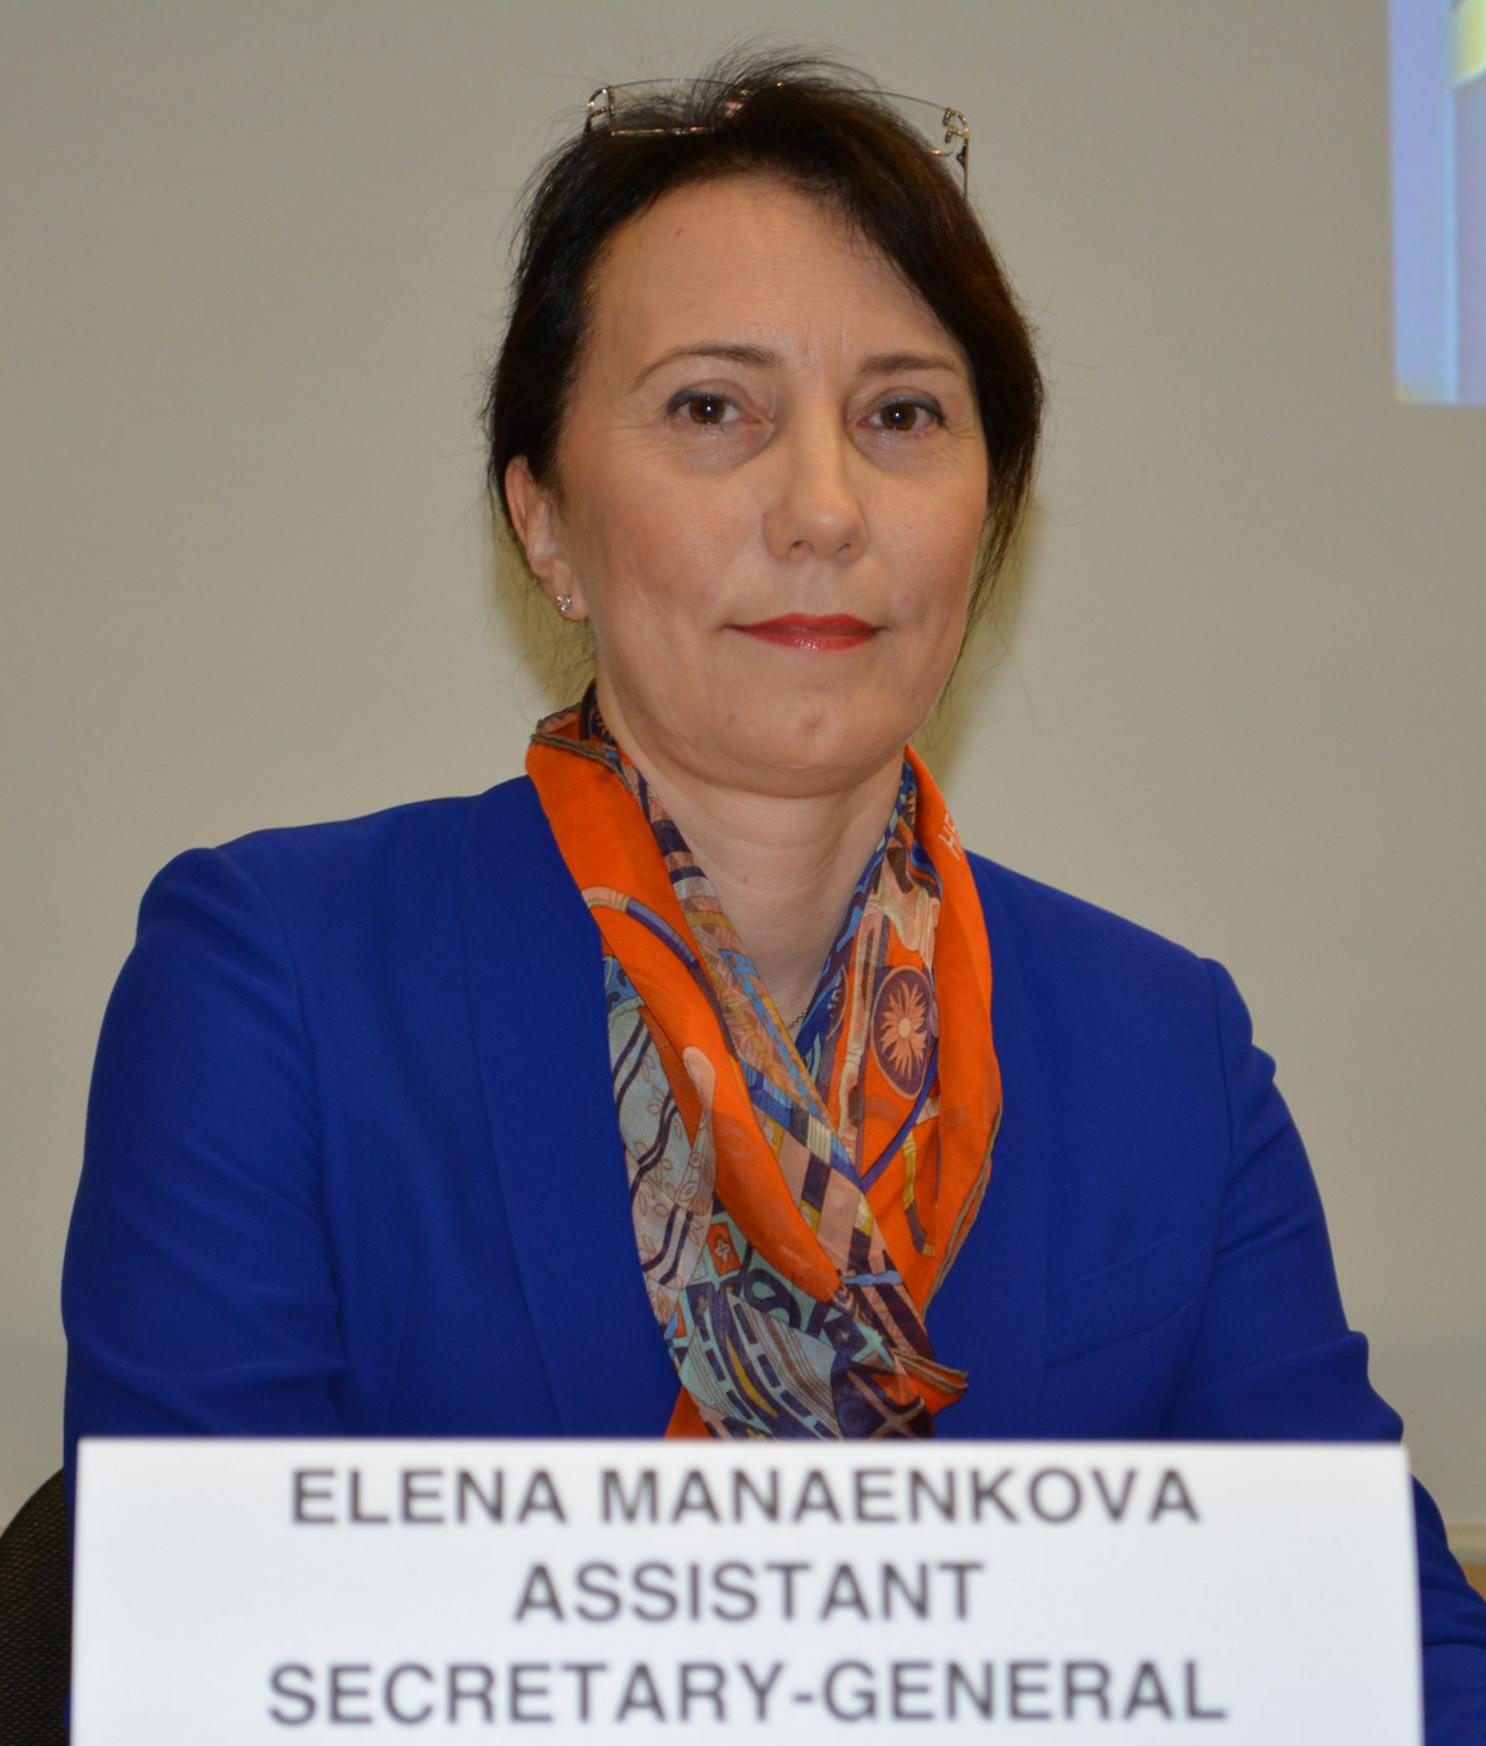 Elena Manaenkova